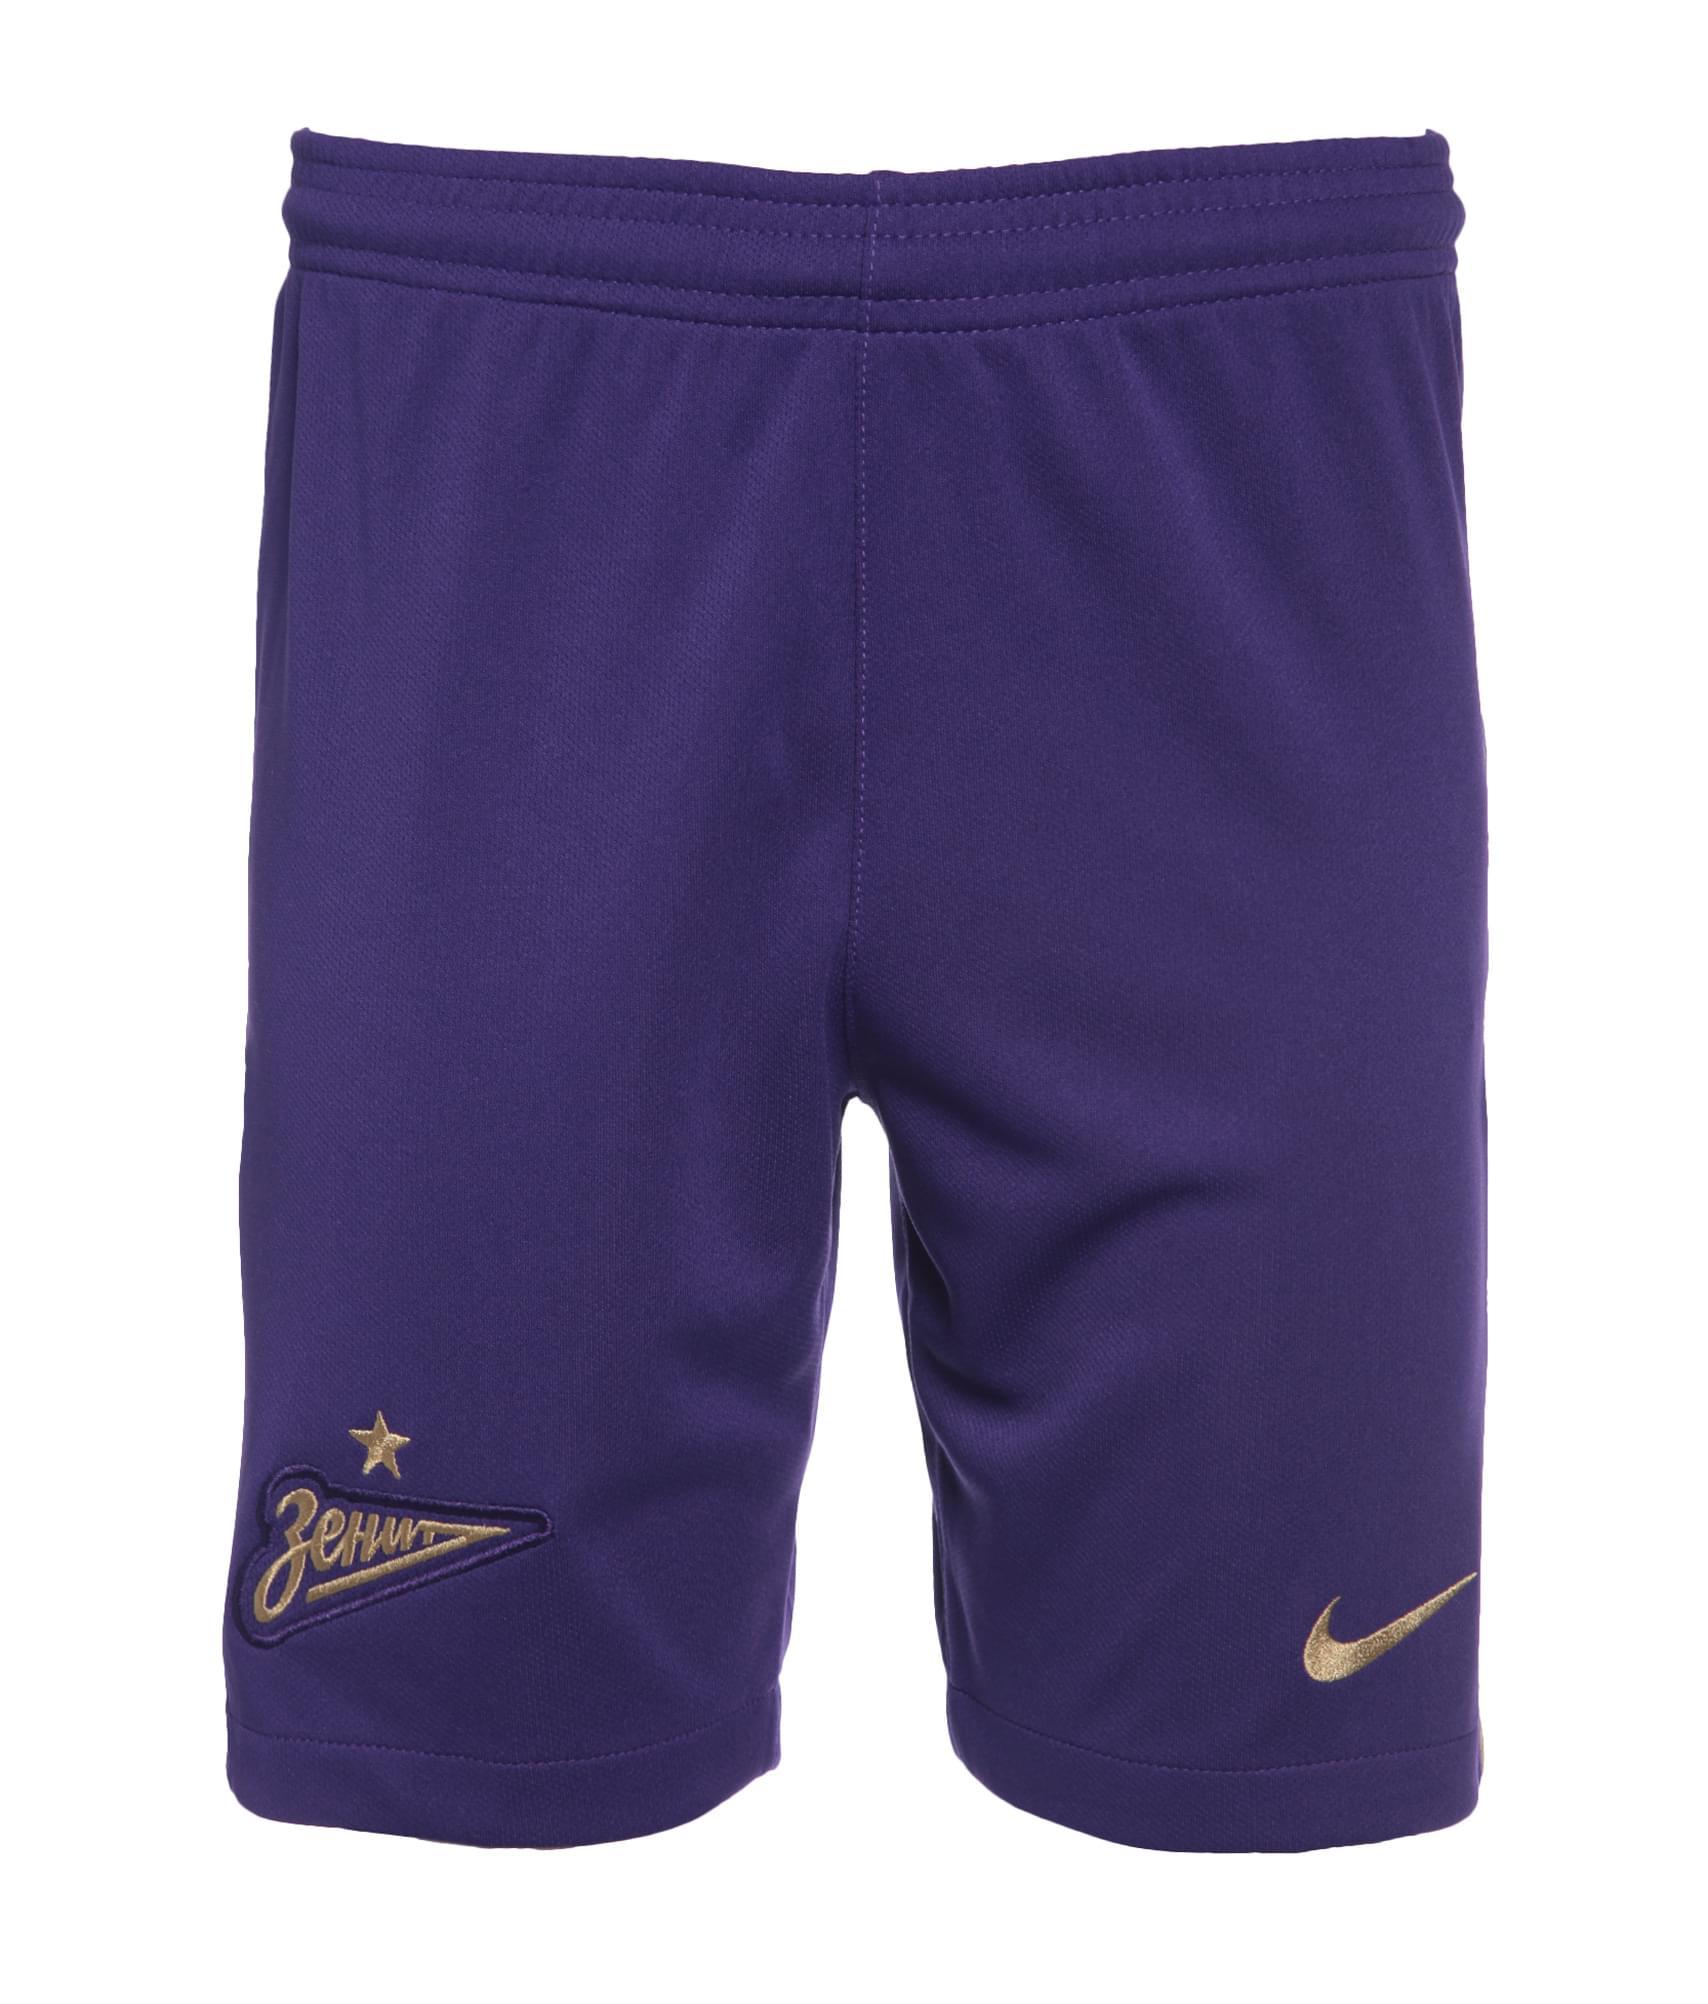 Подростковые резервные игровые шорты Nike Nike Цвет-Фиолетовый